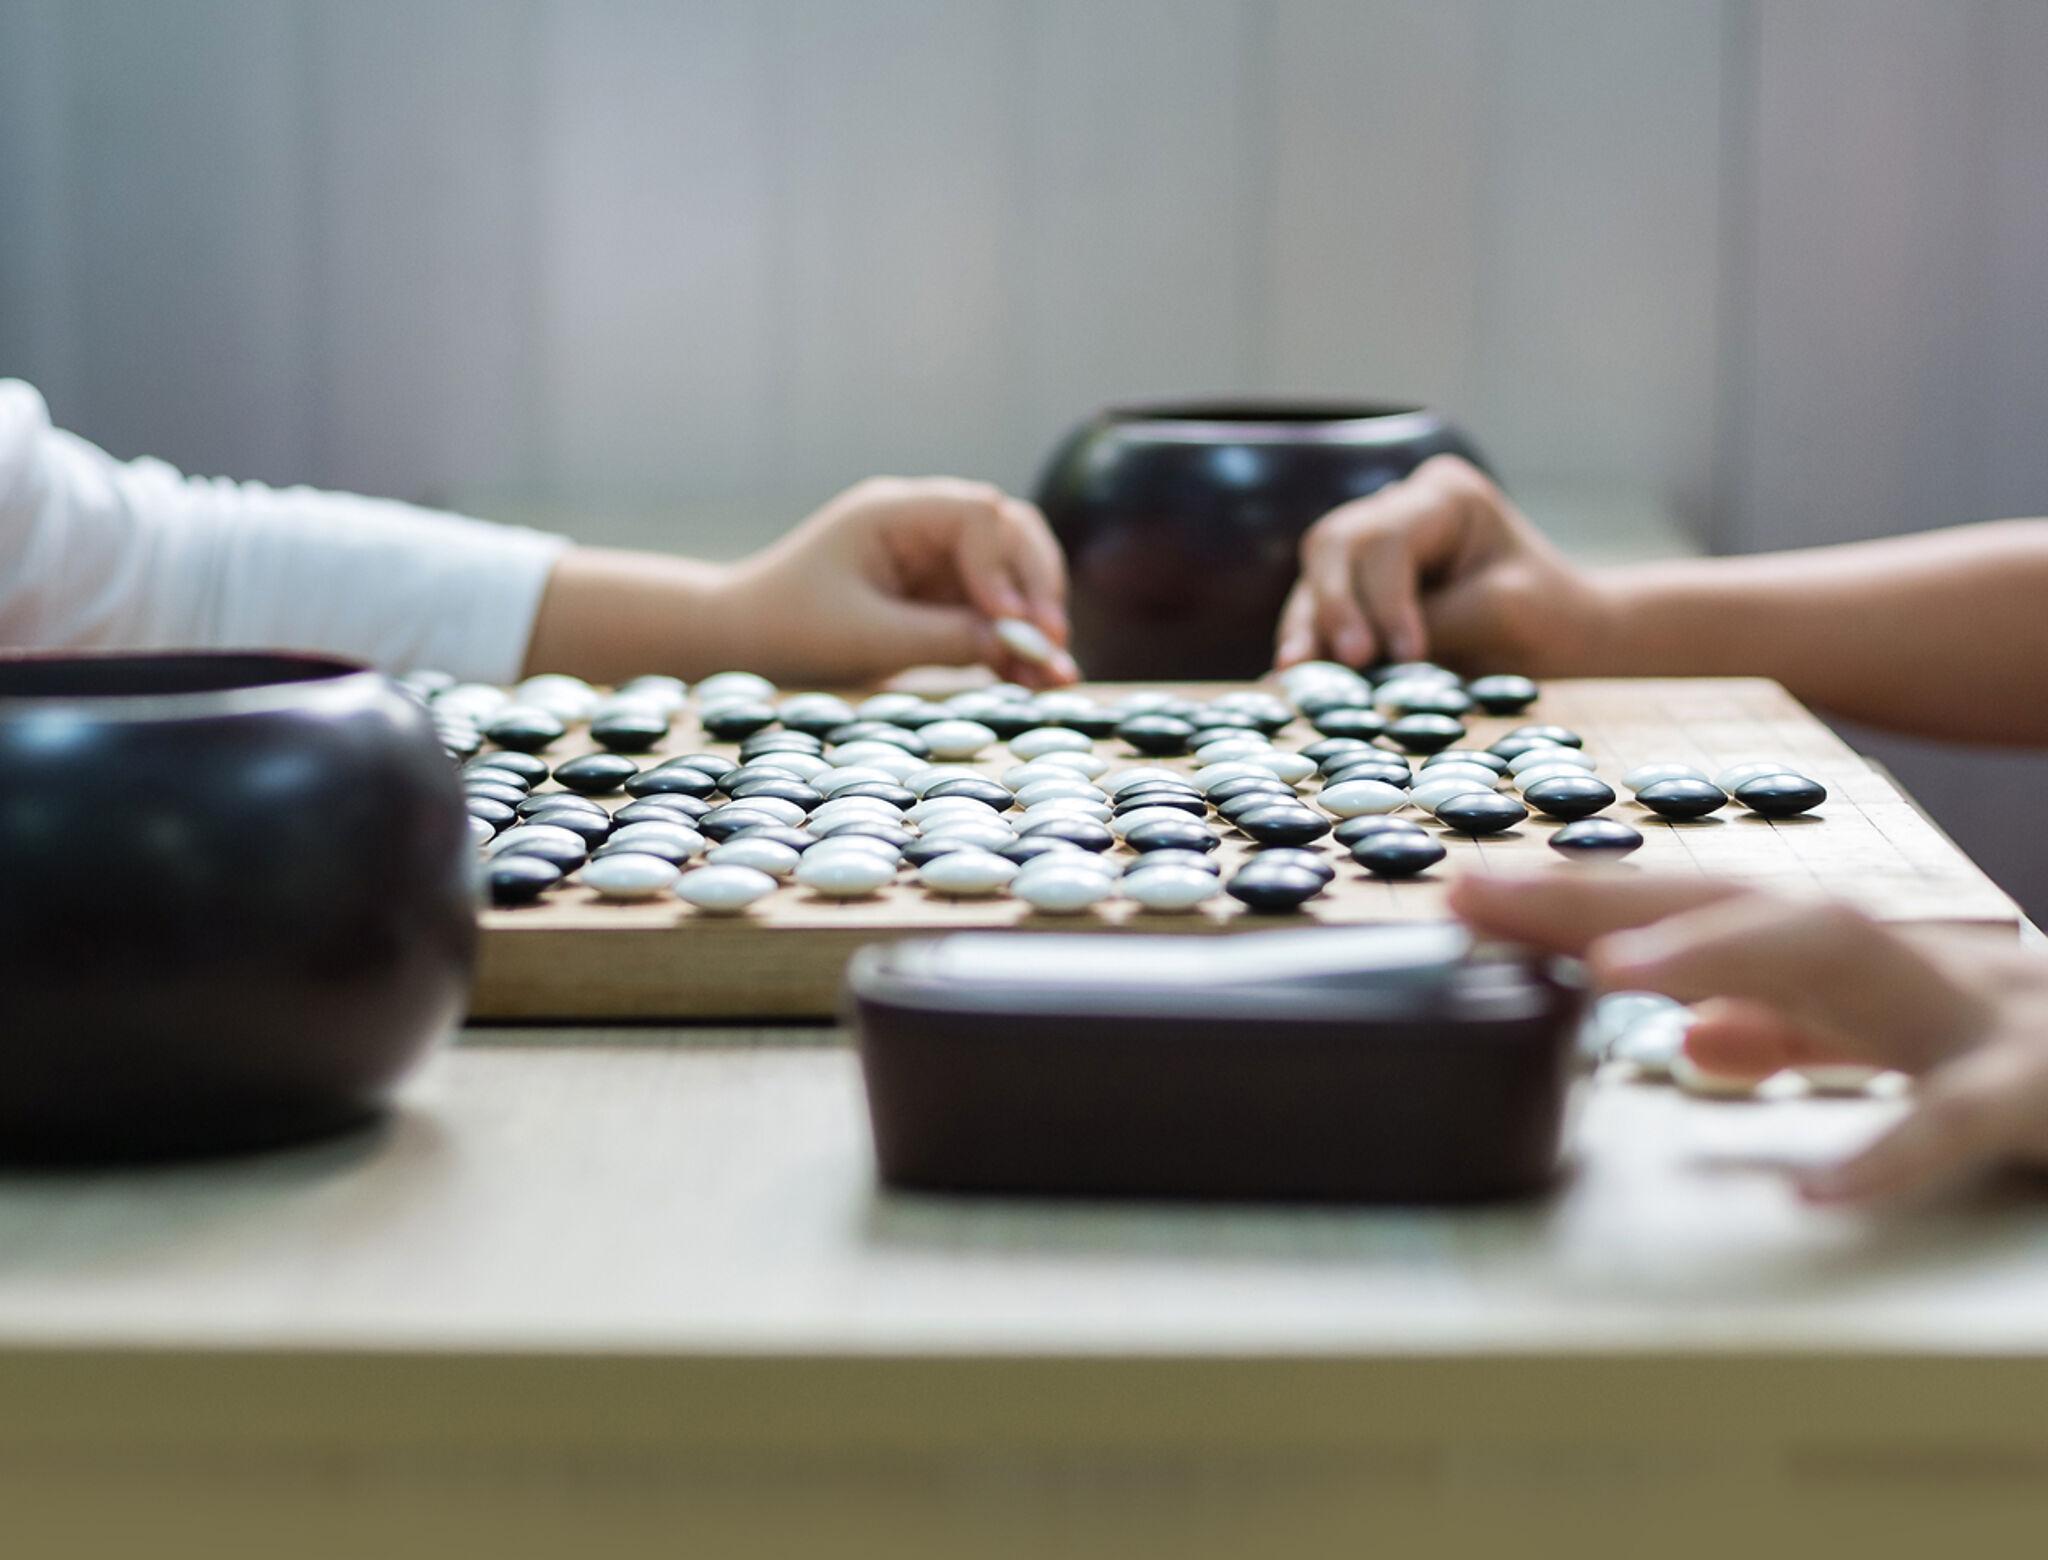 将棋をさしている手の画像